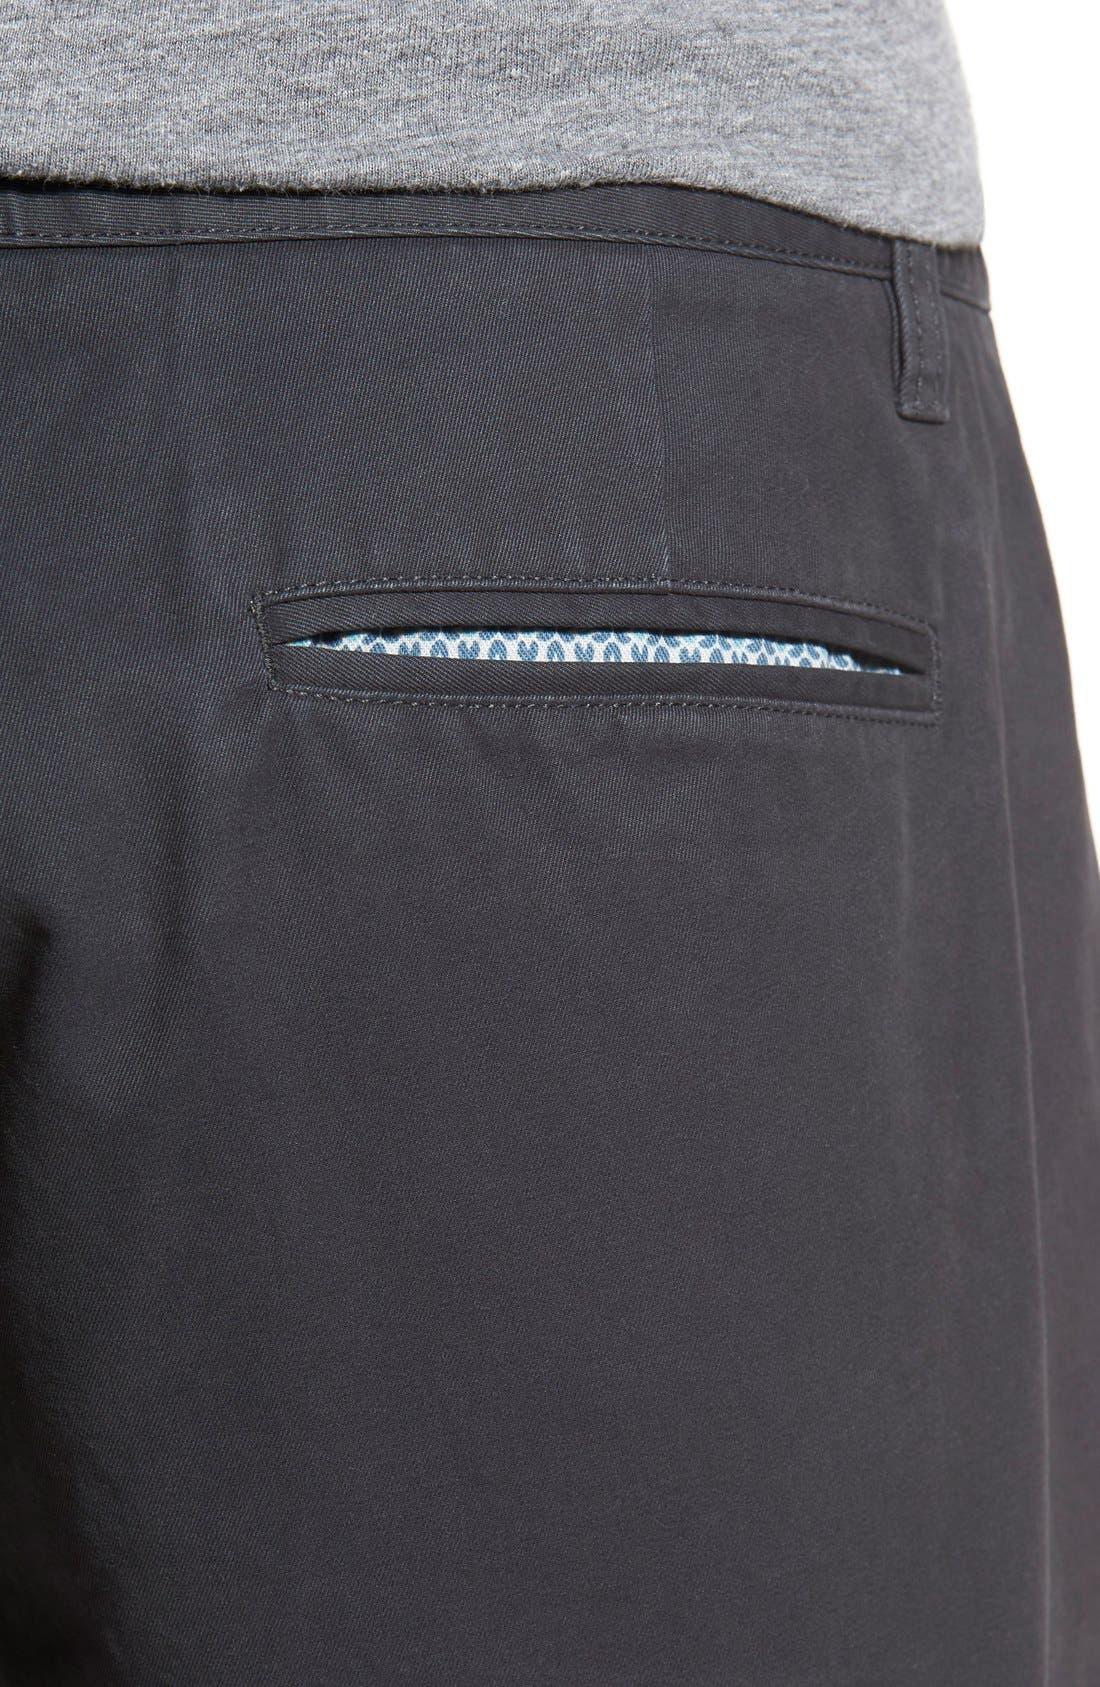 Washed Chino Shorts,                             Alternate thumbnail 5, color,                             001